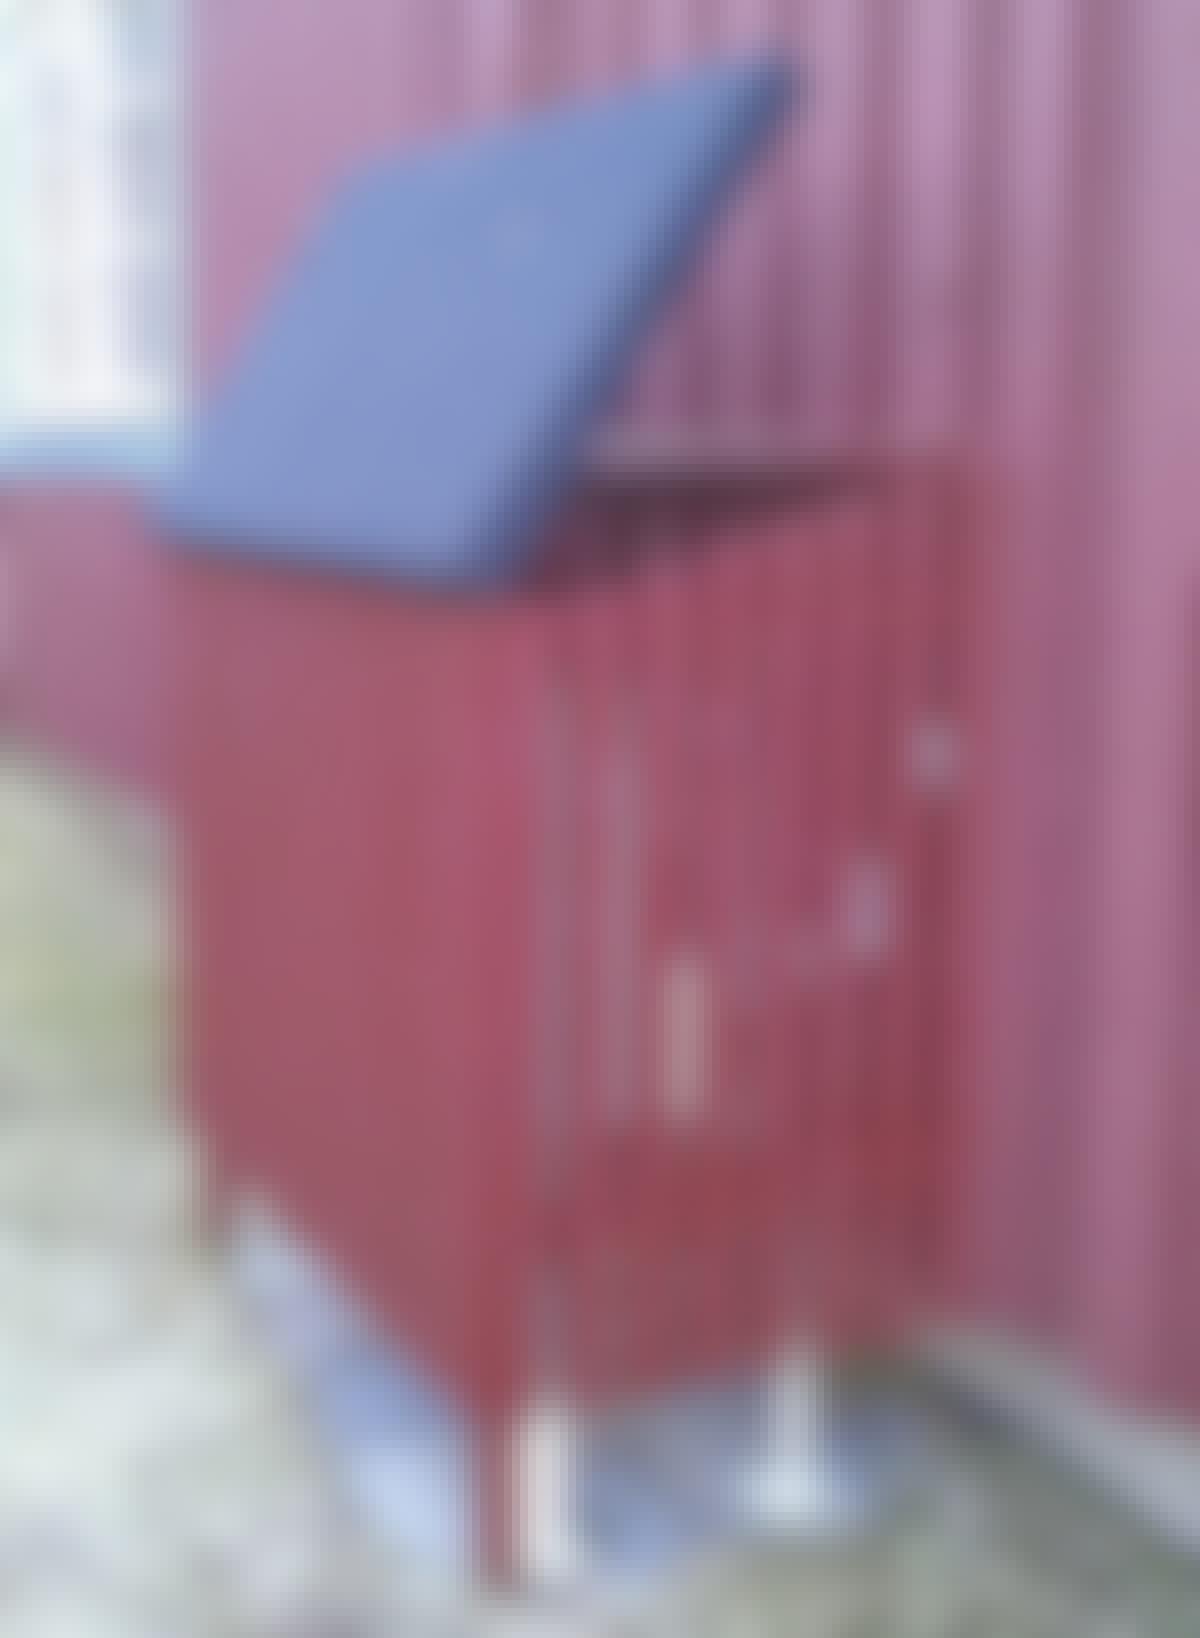 Varmepumpeskjuleren går i ett med den røde husveggen.